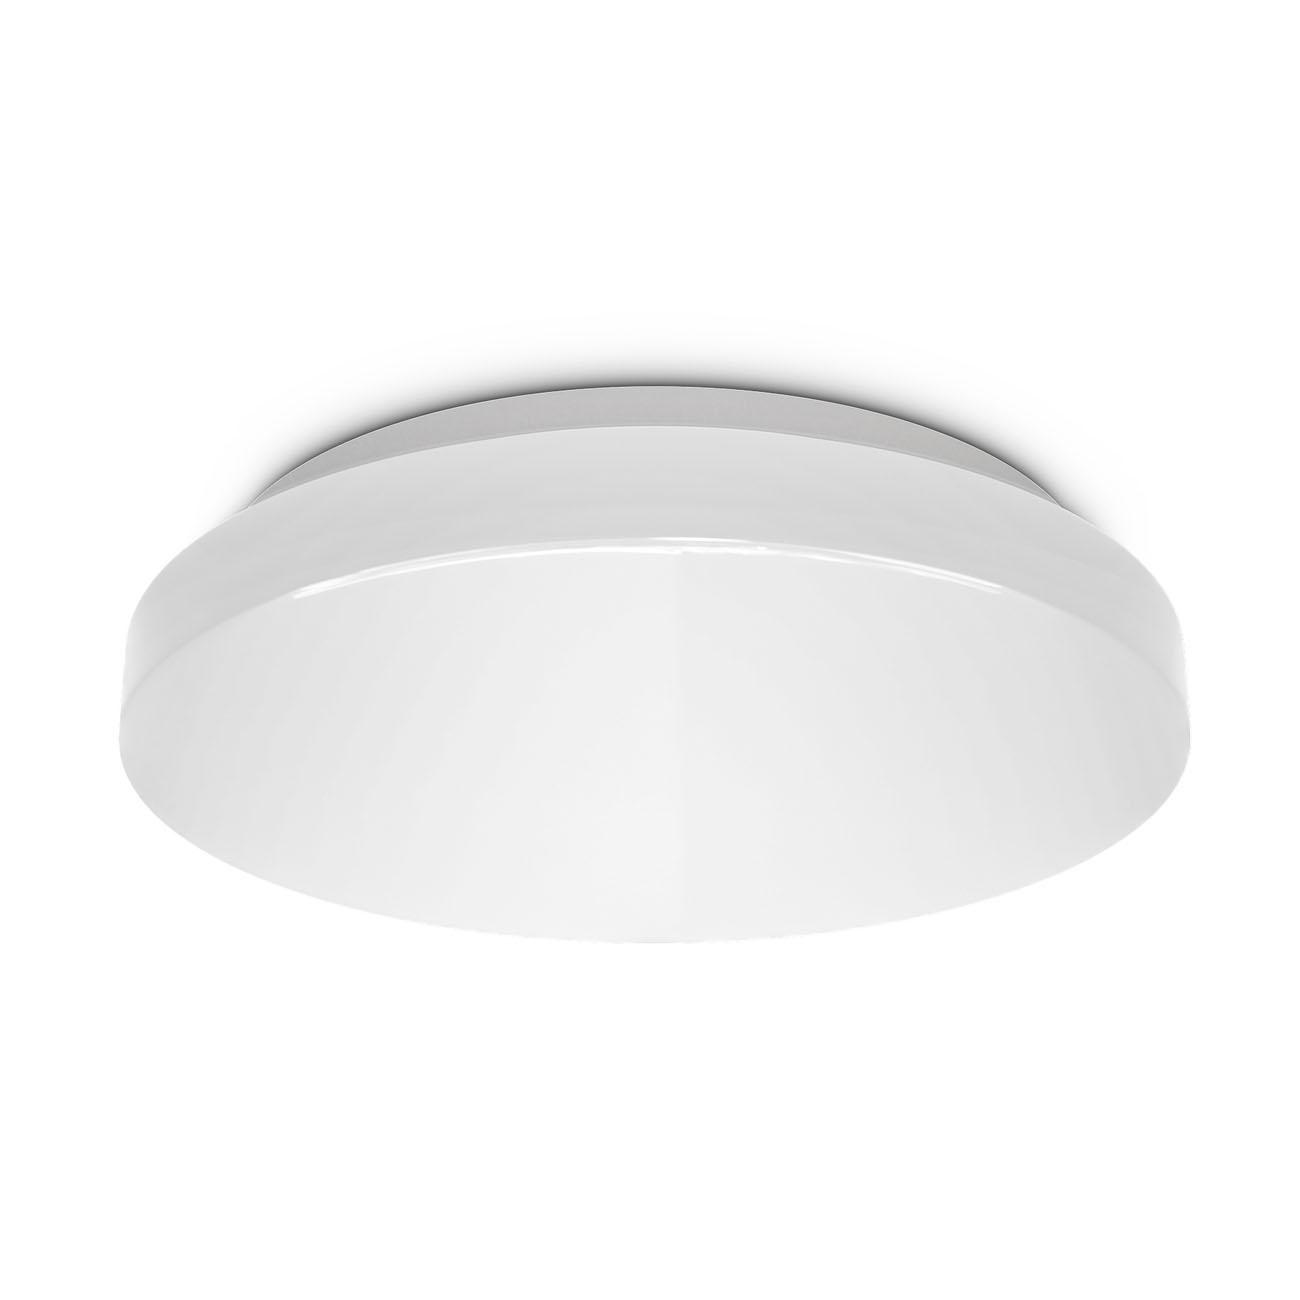 LED Deckenleuchte Badlampe IP44 S